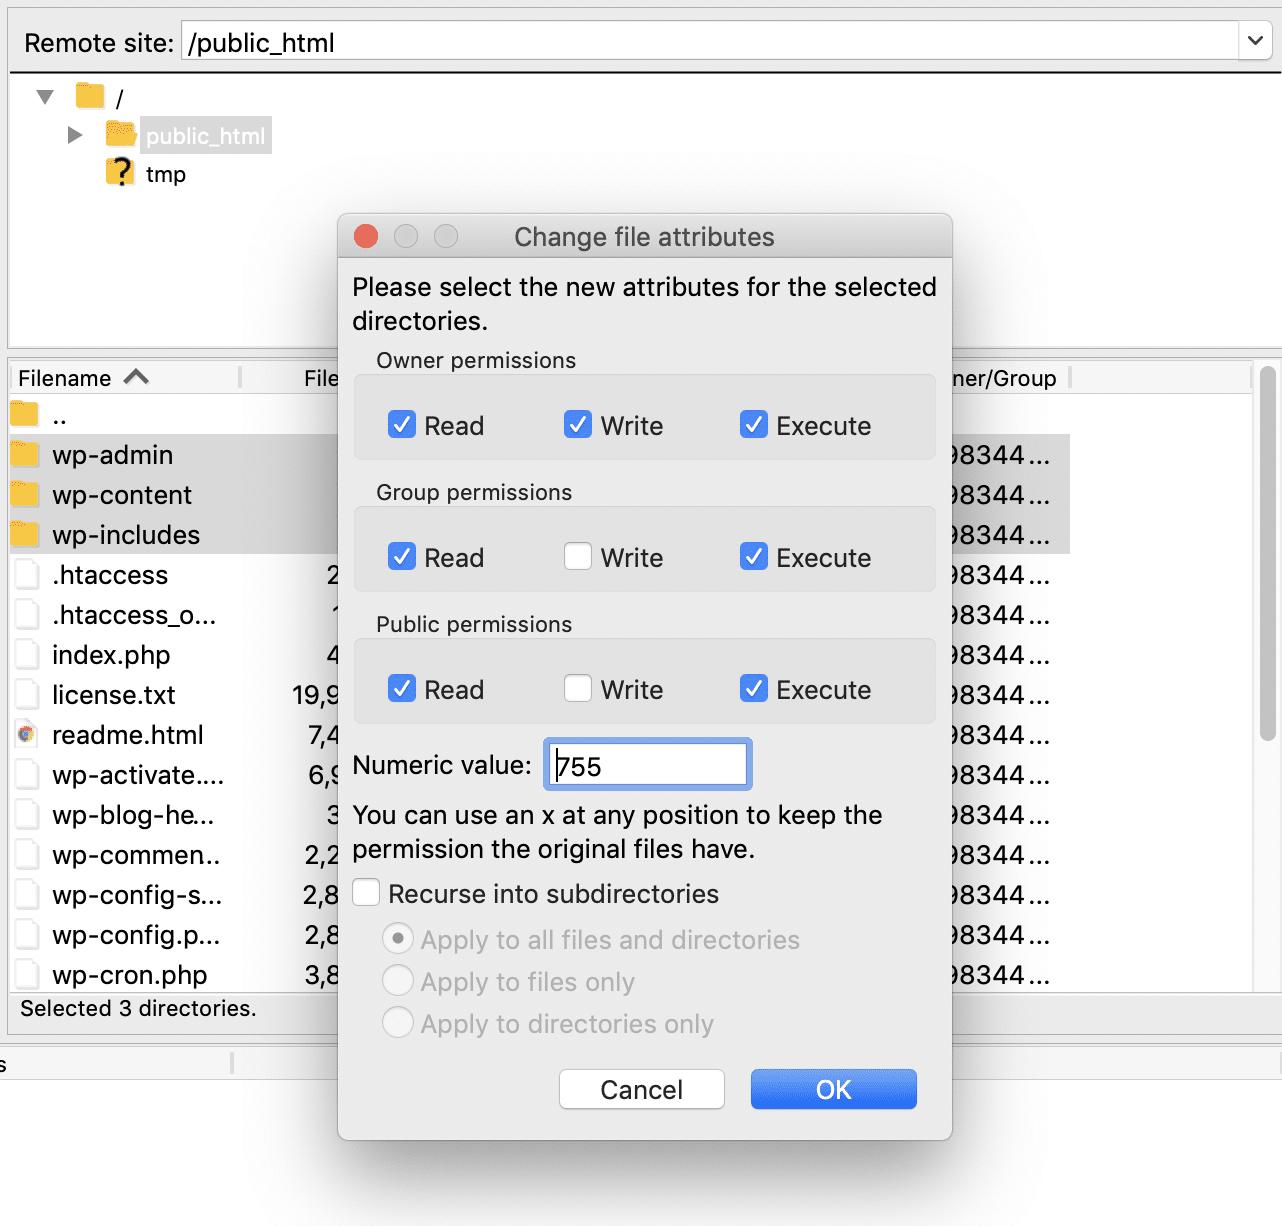 ftpファイルアクセス権画面